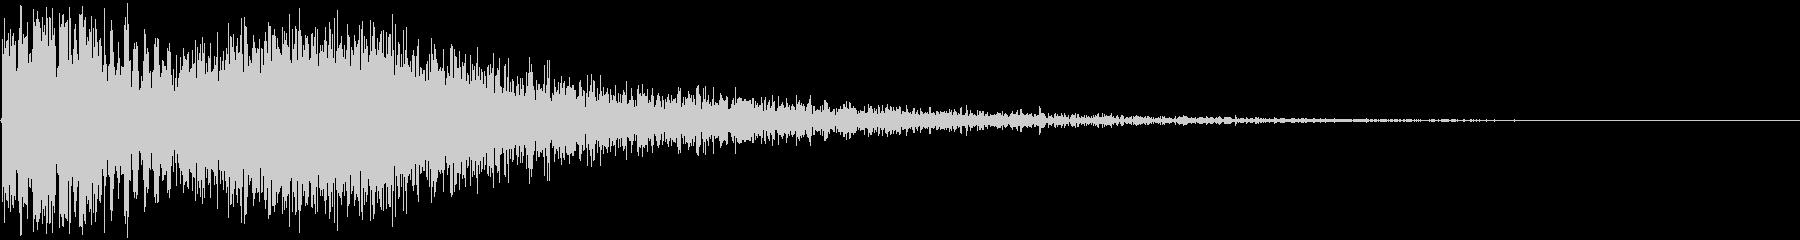 ガシューン(ボタン・レバー・打撃音)の未再生の波形